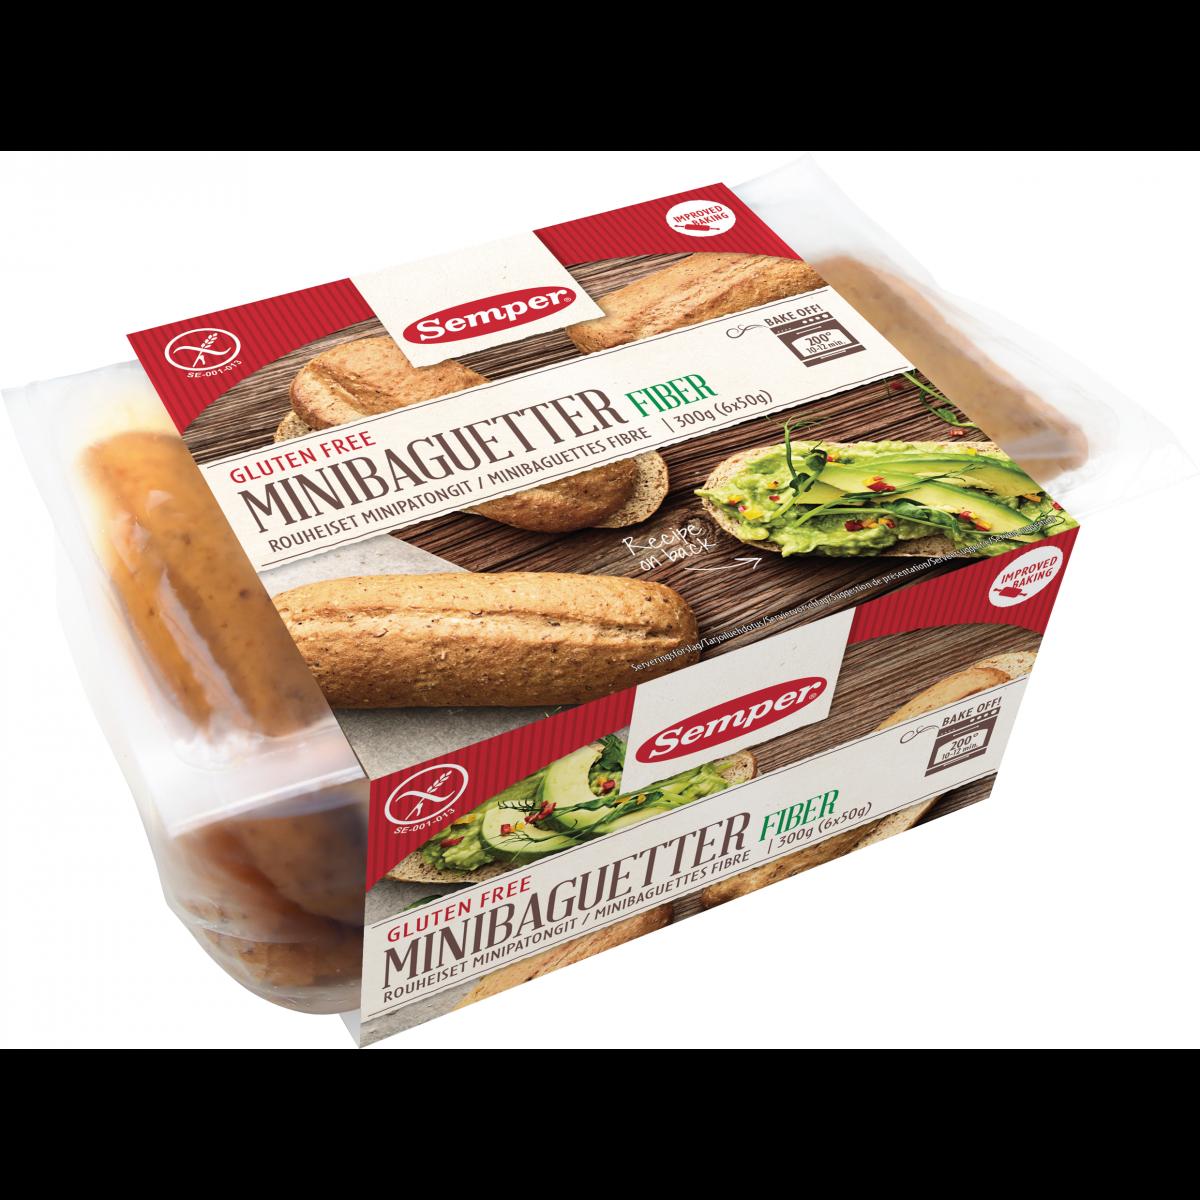 Mini-baguette Bruin